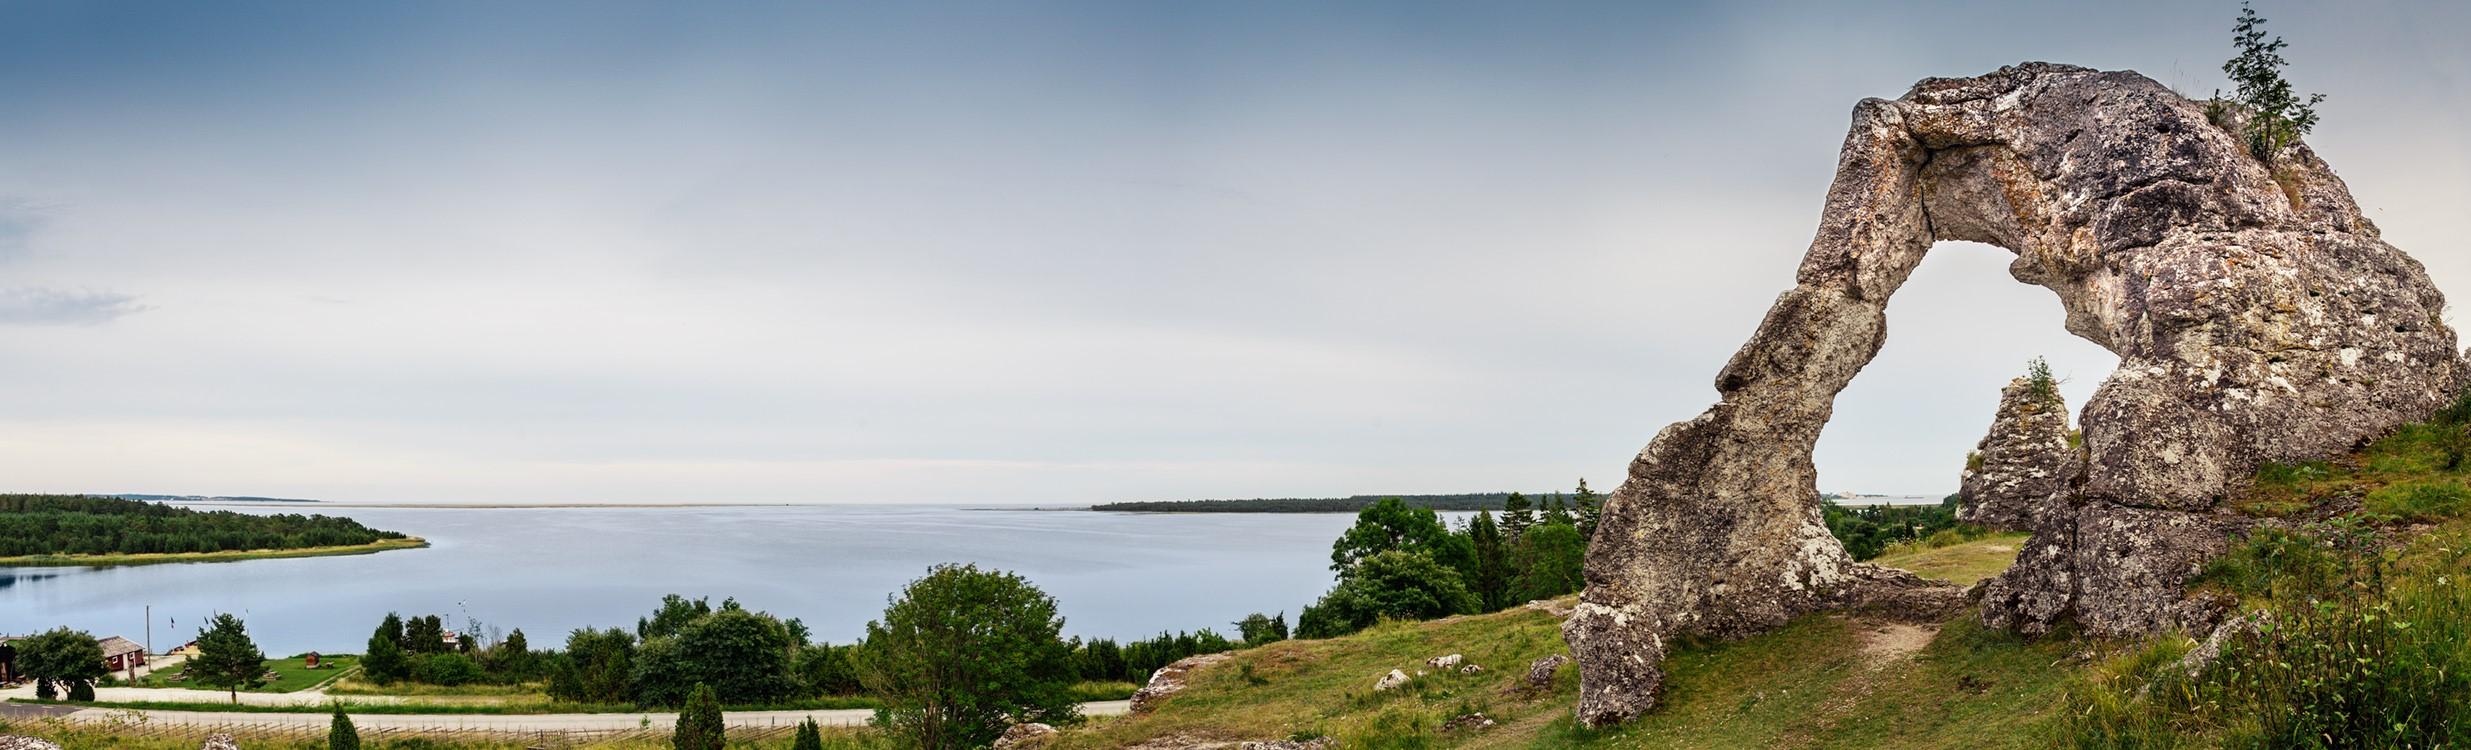 Den store Gotlandsrejse, juni, Gotland fra nord til syd